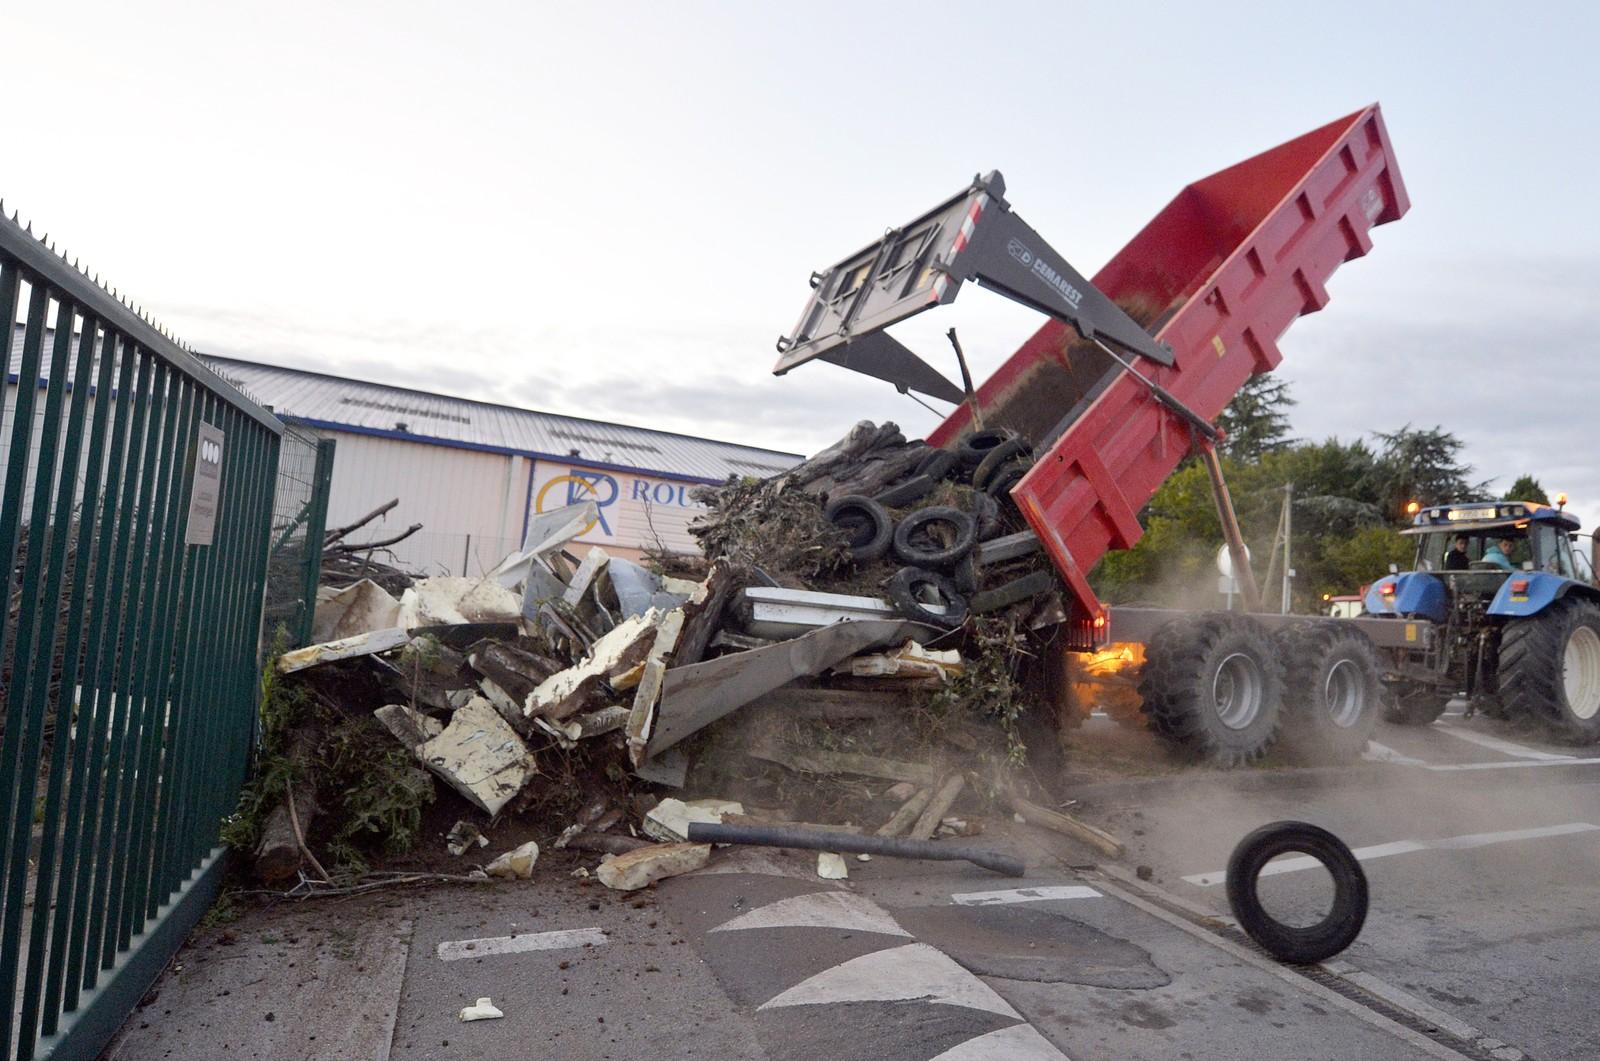 Et lass med dekk og søppel ble dumpet utenfor inngangen til meieriprodusenten Lactalis i Nantes torsdag.